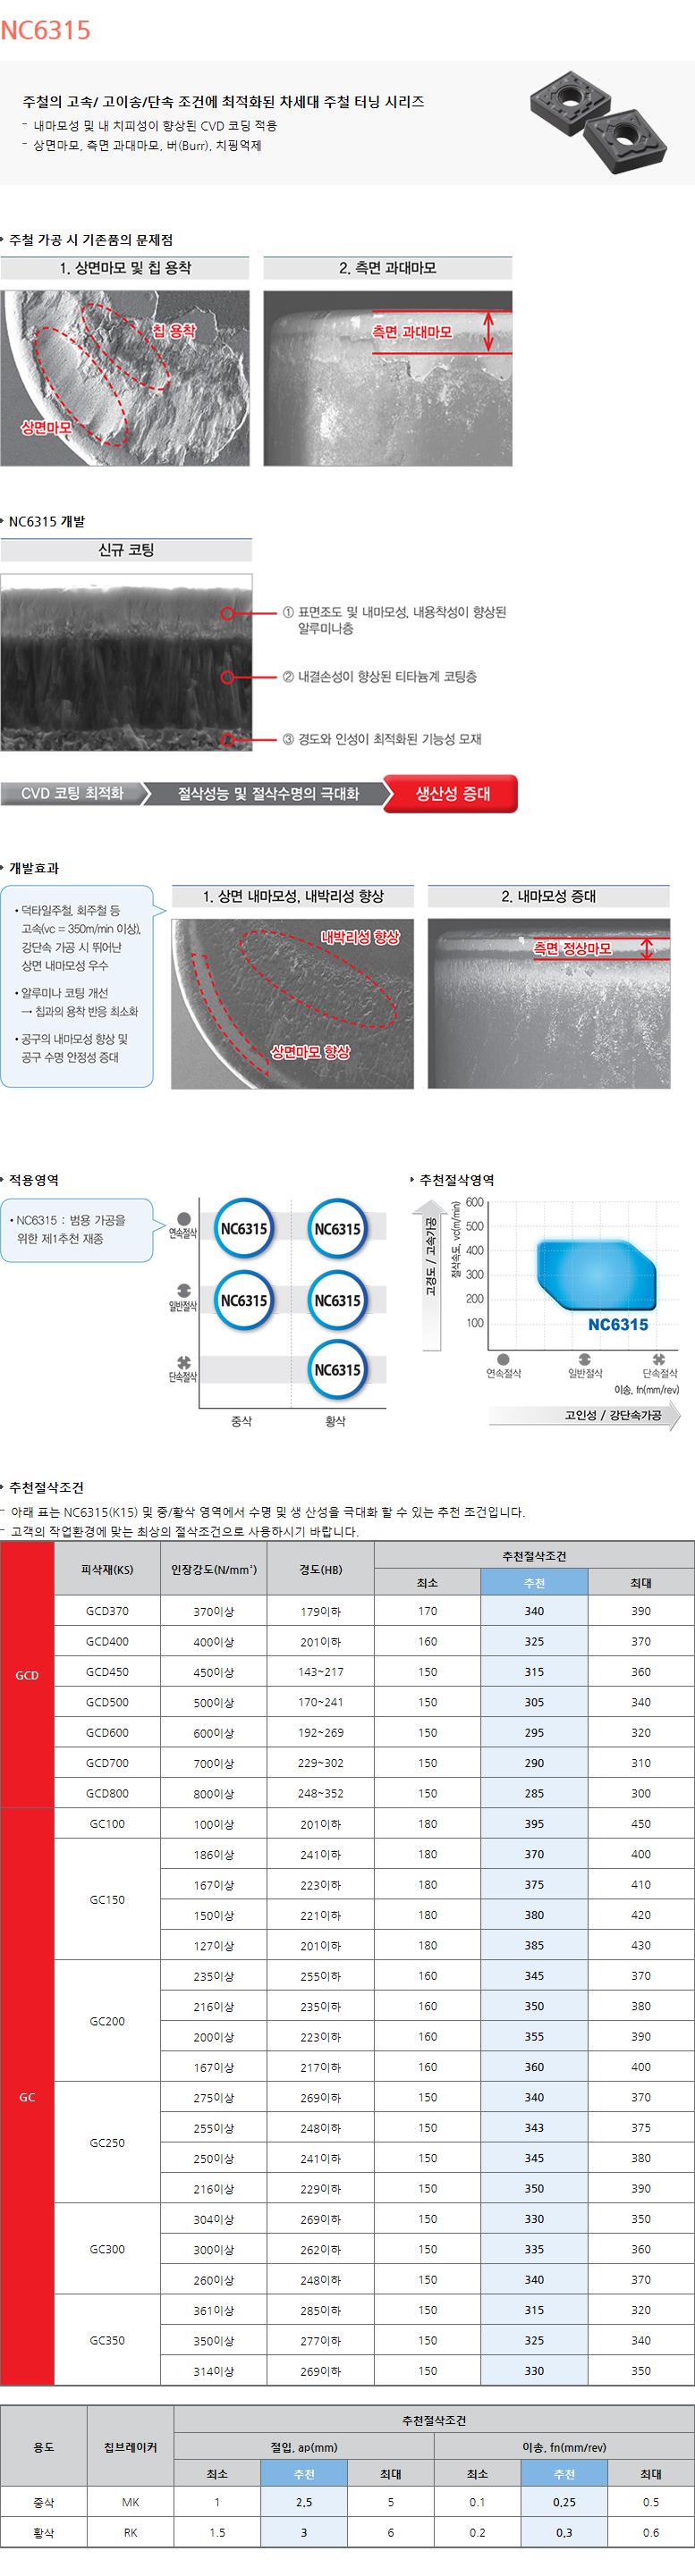 한국야금  NC6315 1